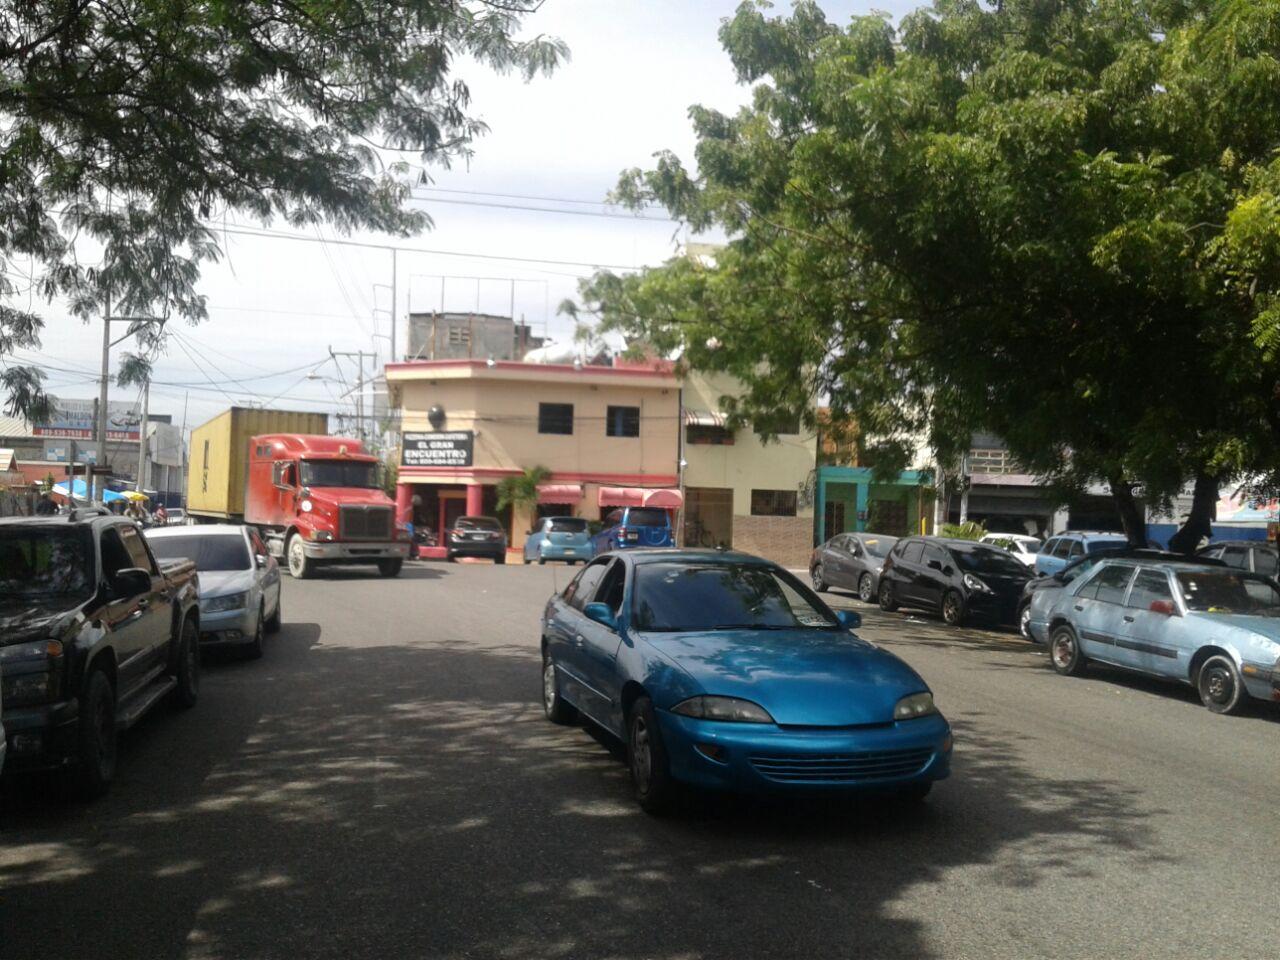 Alcalde DN se compromete a resolver problemas que afectan a Villas Agrícolas y Villa Juana